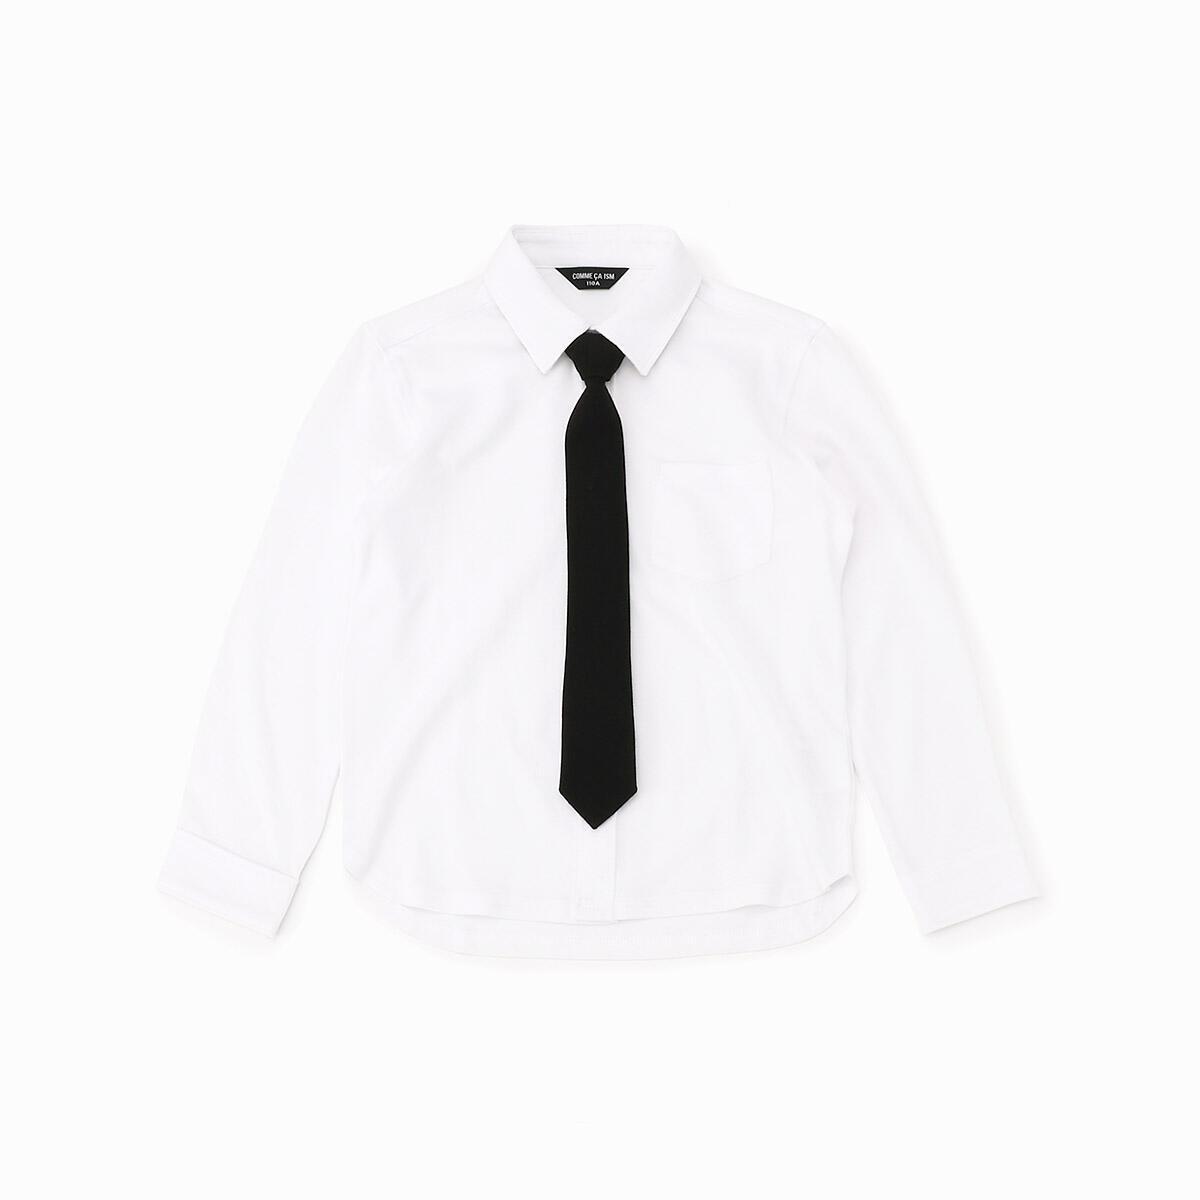 その他トップス おトク ネクタイ付き 長袖シャツ SALE開催中 コムサイズム 100-130サイズ